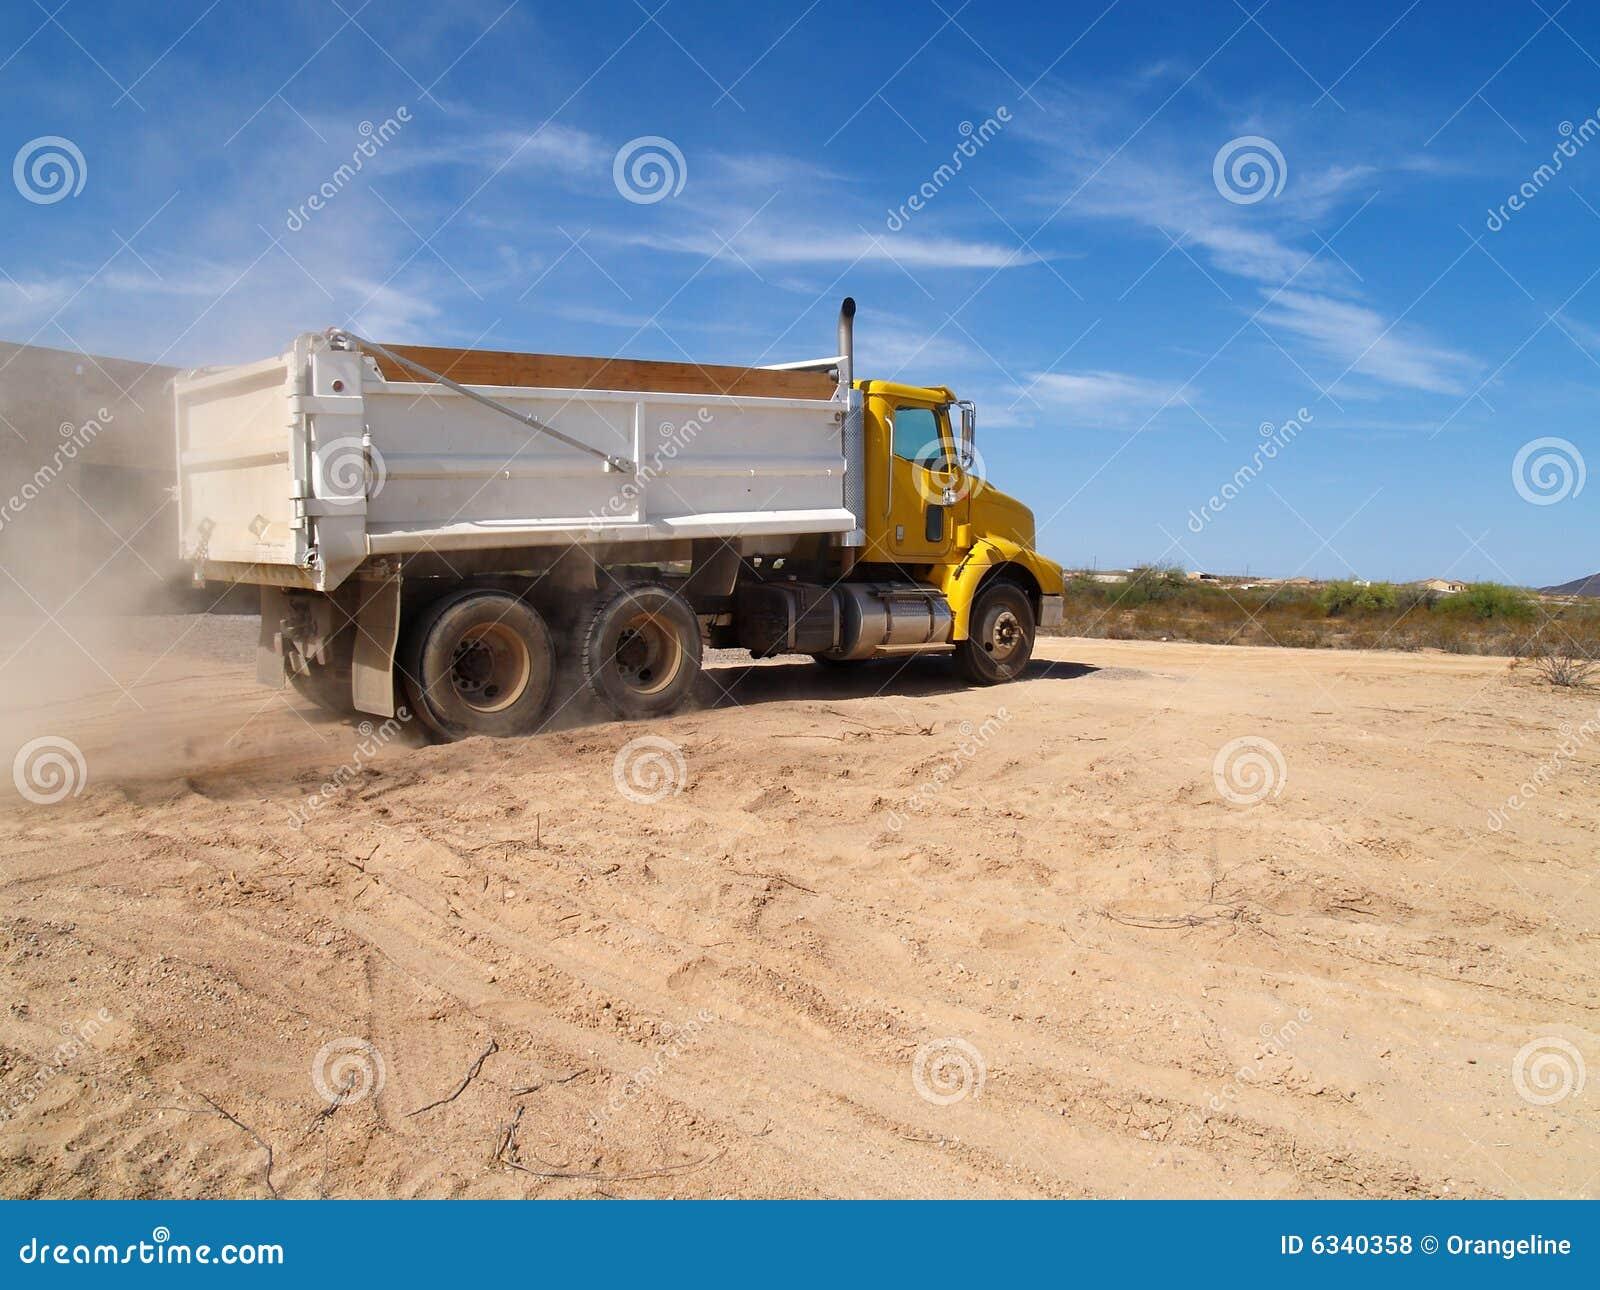 Yelllow Dump Truck